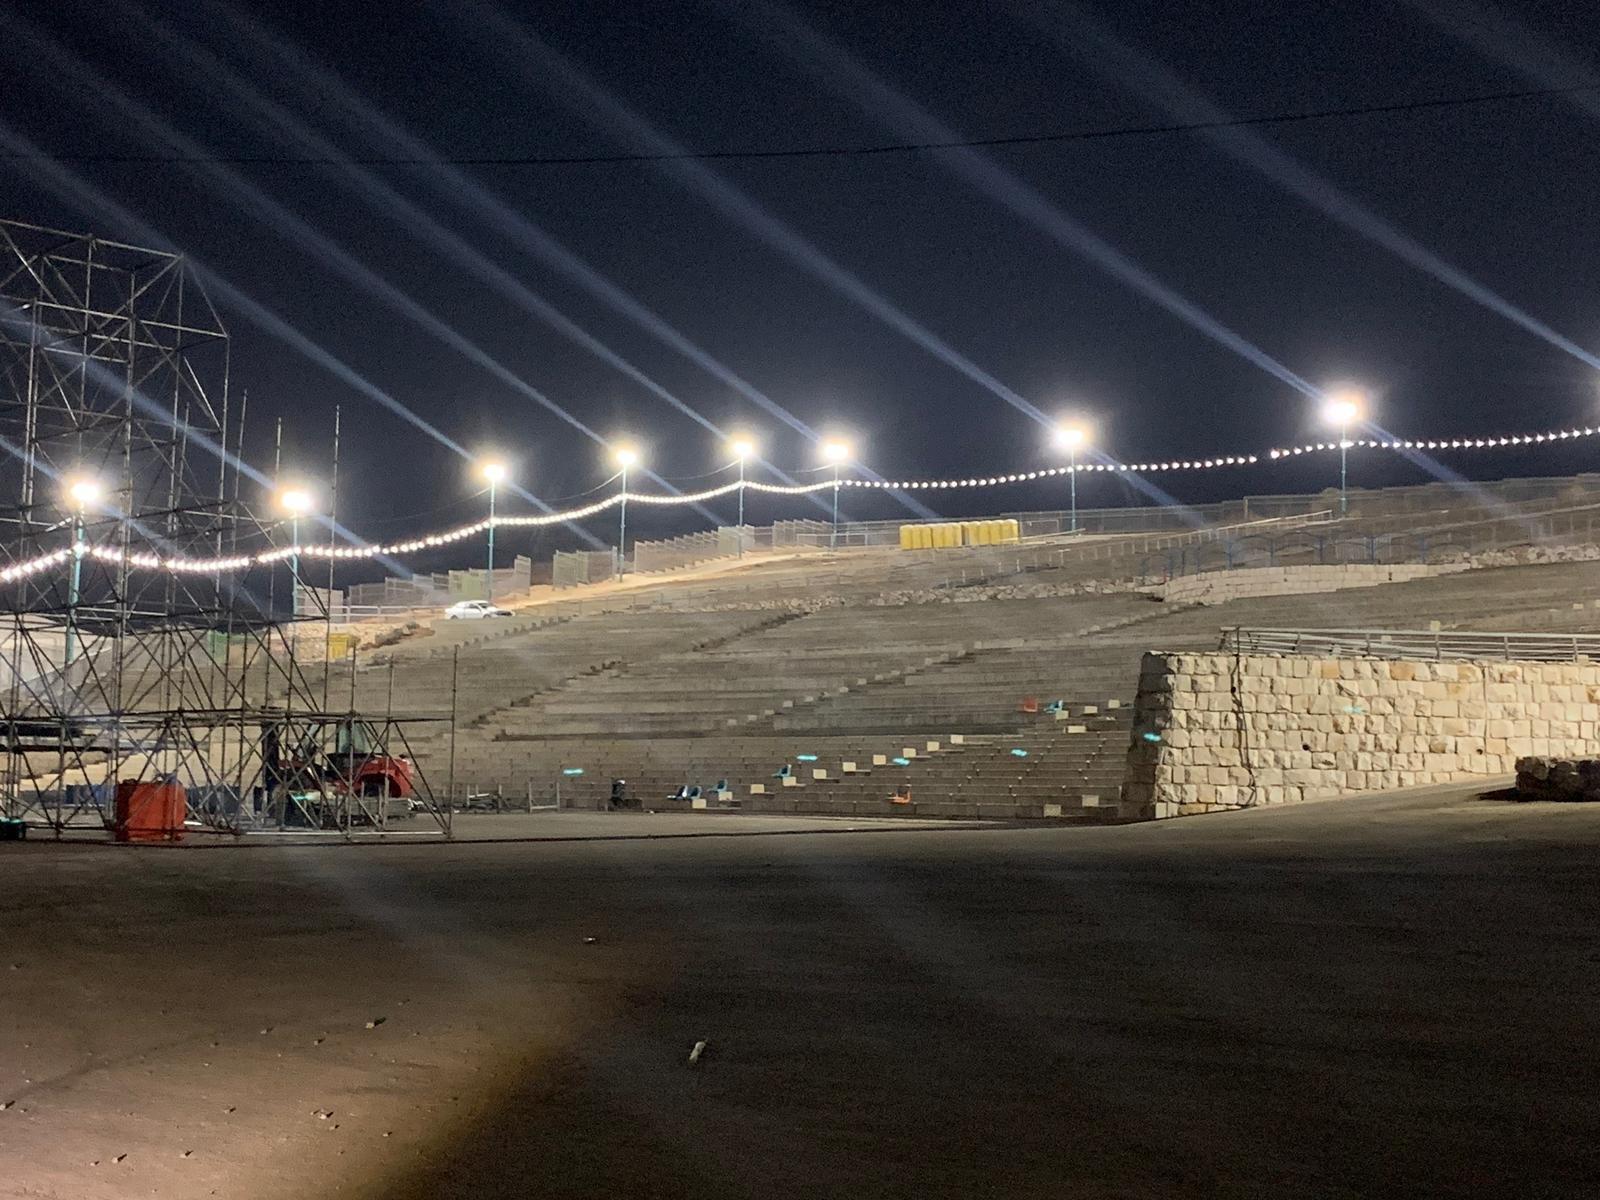 الناصرة: رغم المعارضة الشعبية الشديدة .. الاستعدادات مستمرة في جبل القفزة لاستقبال جوشوا